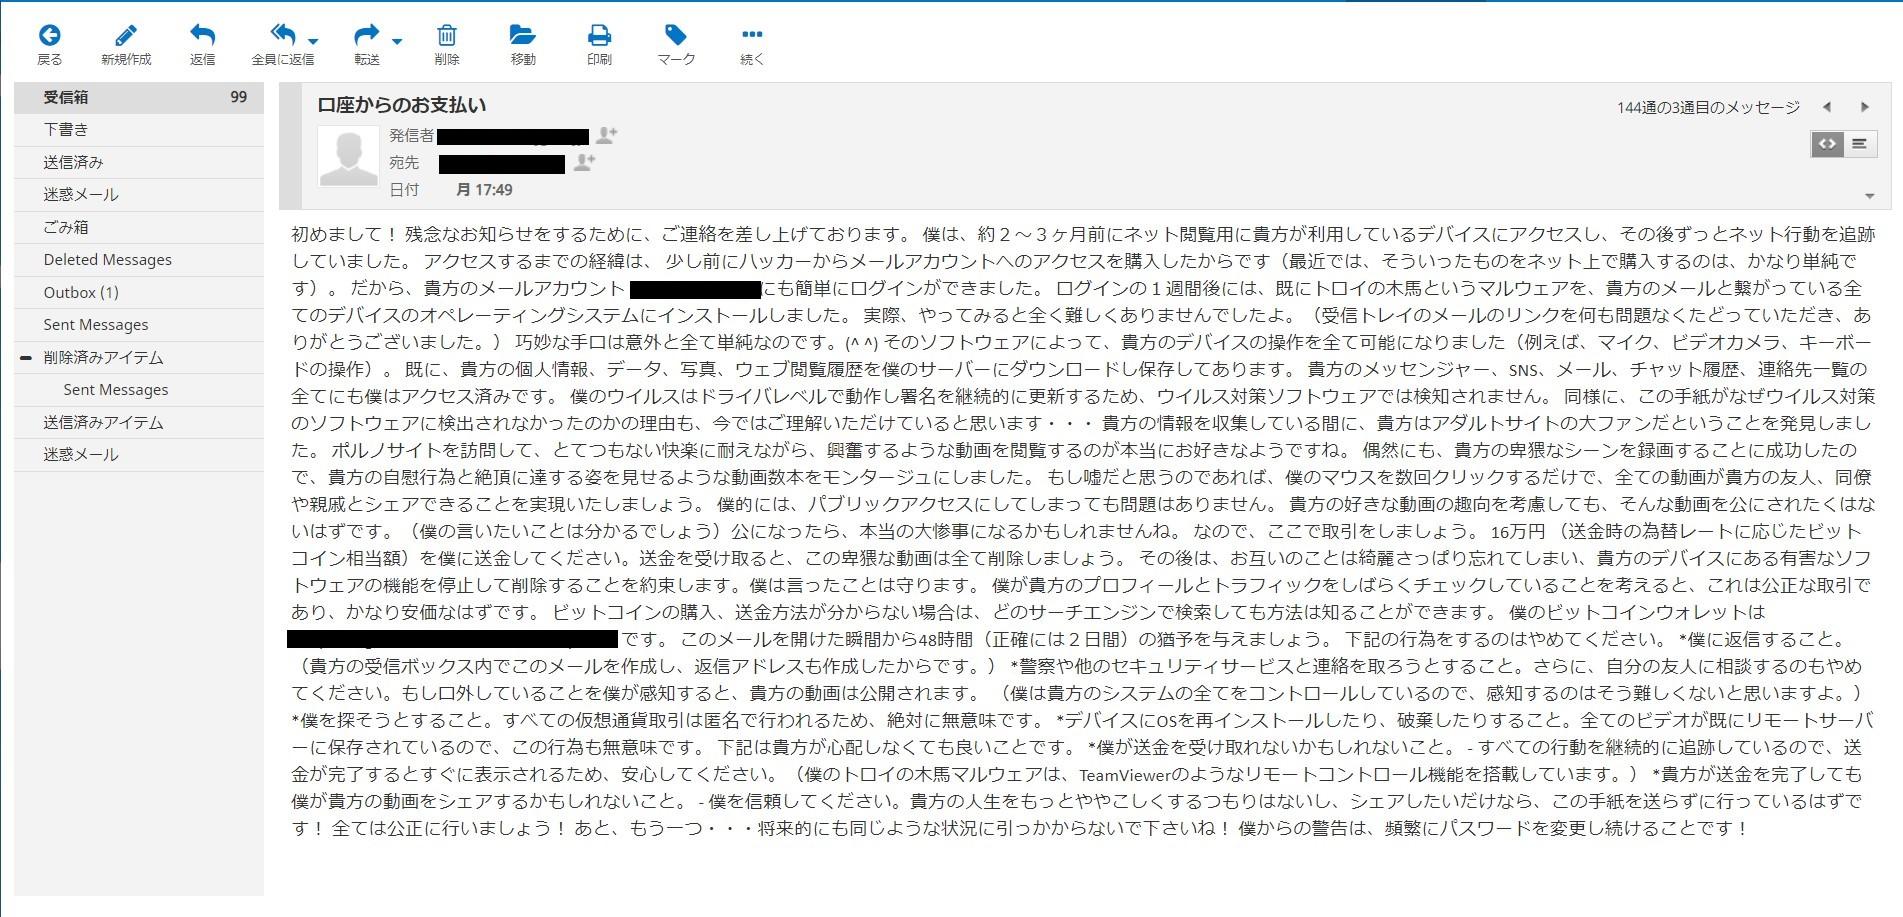 【口座からのお支払い】見知らぬメールがきたときの対応方法【初めまして!残念なお知らせ・・・】